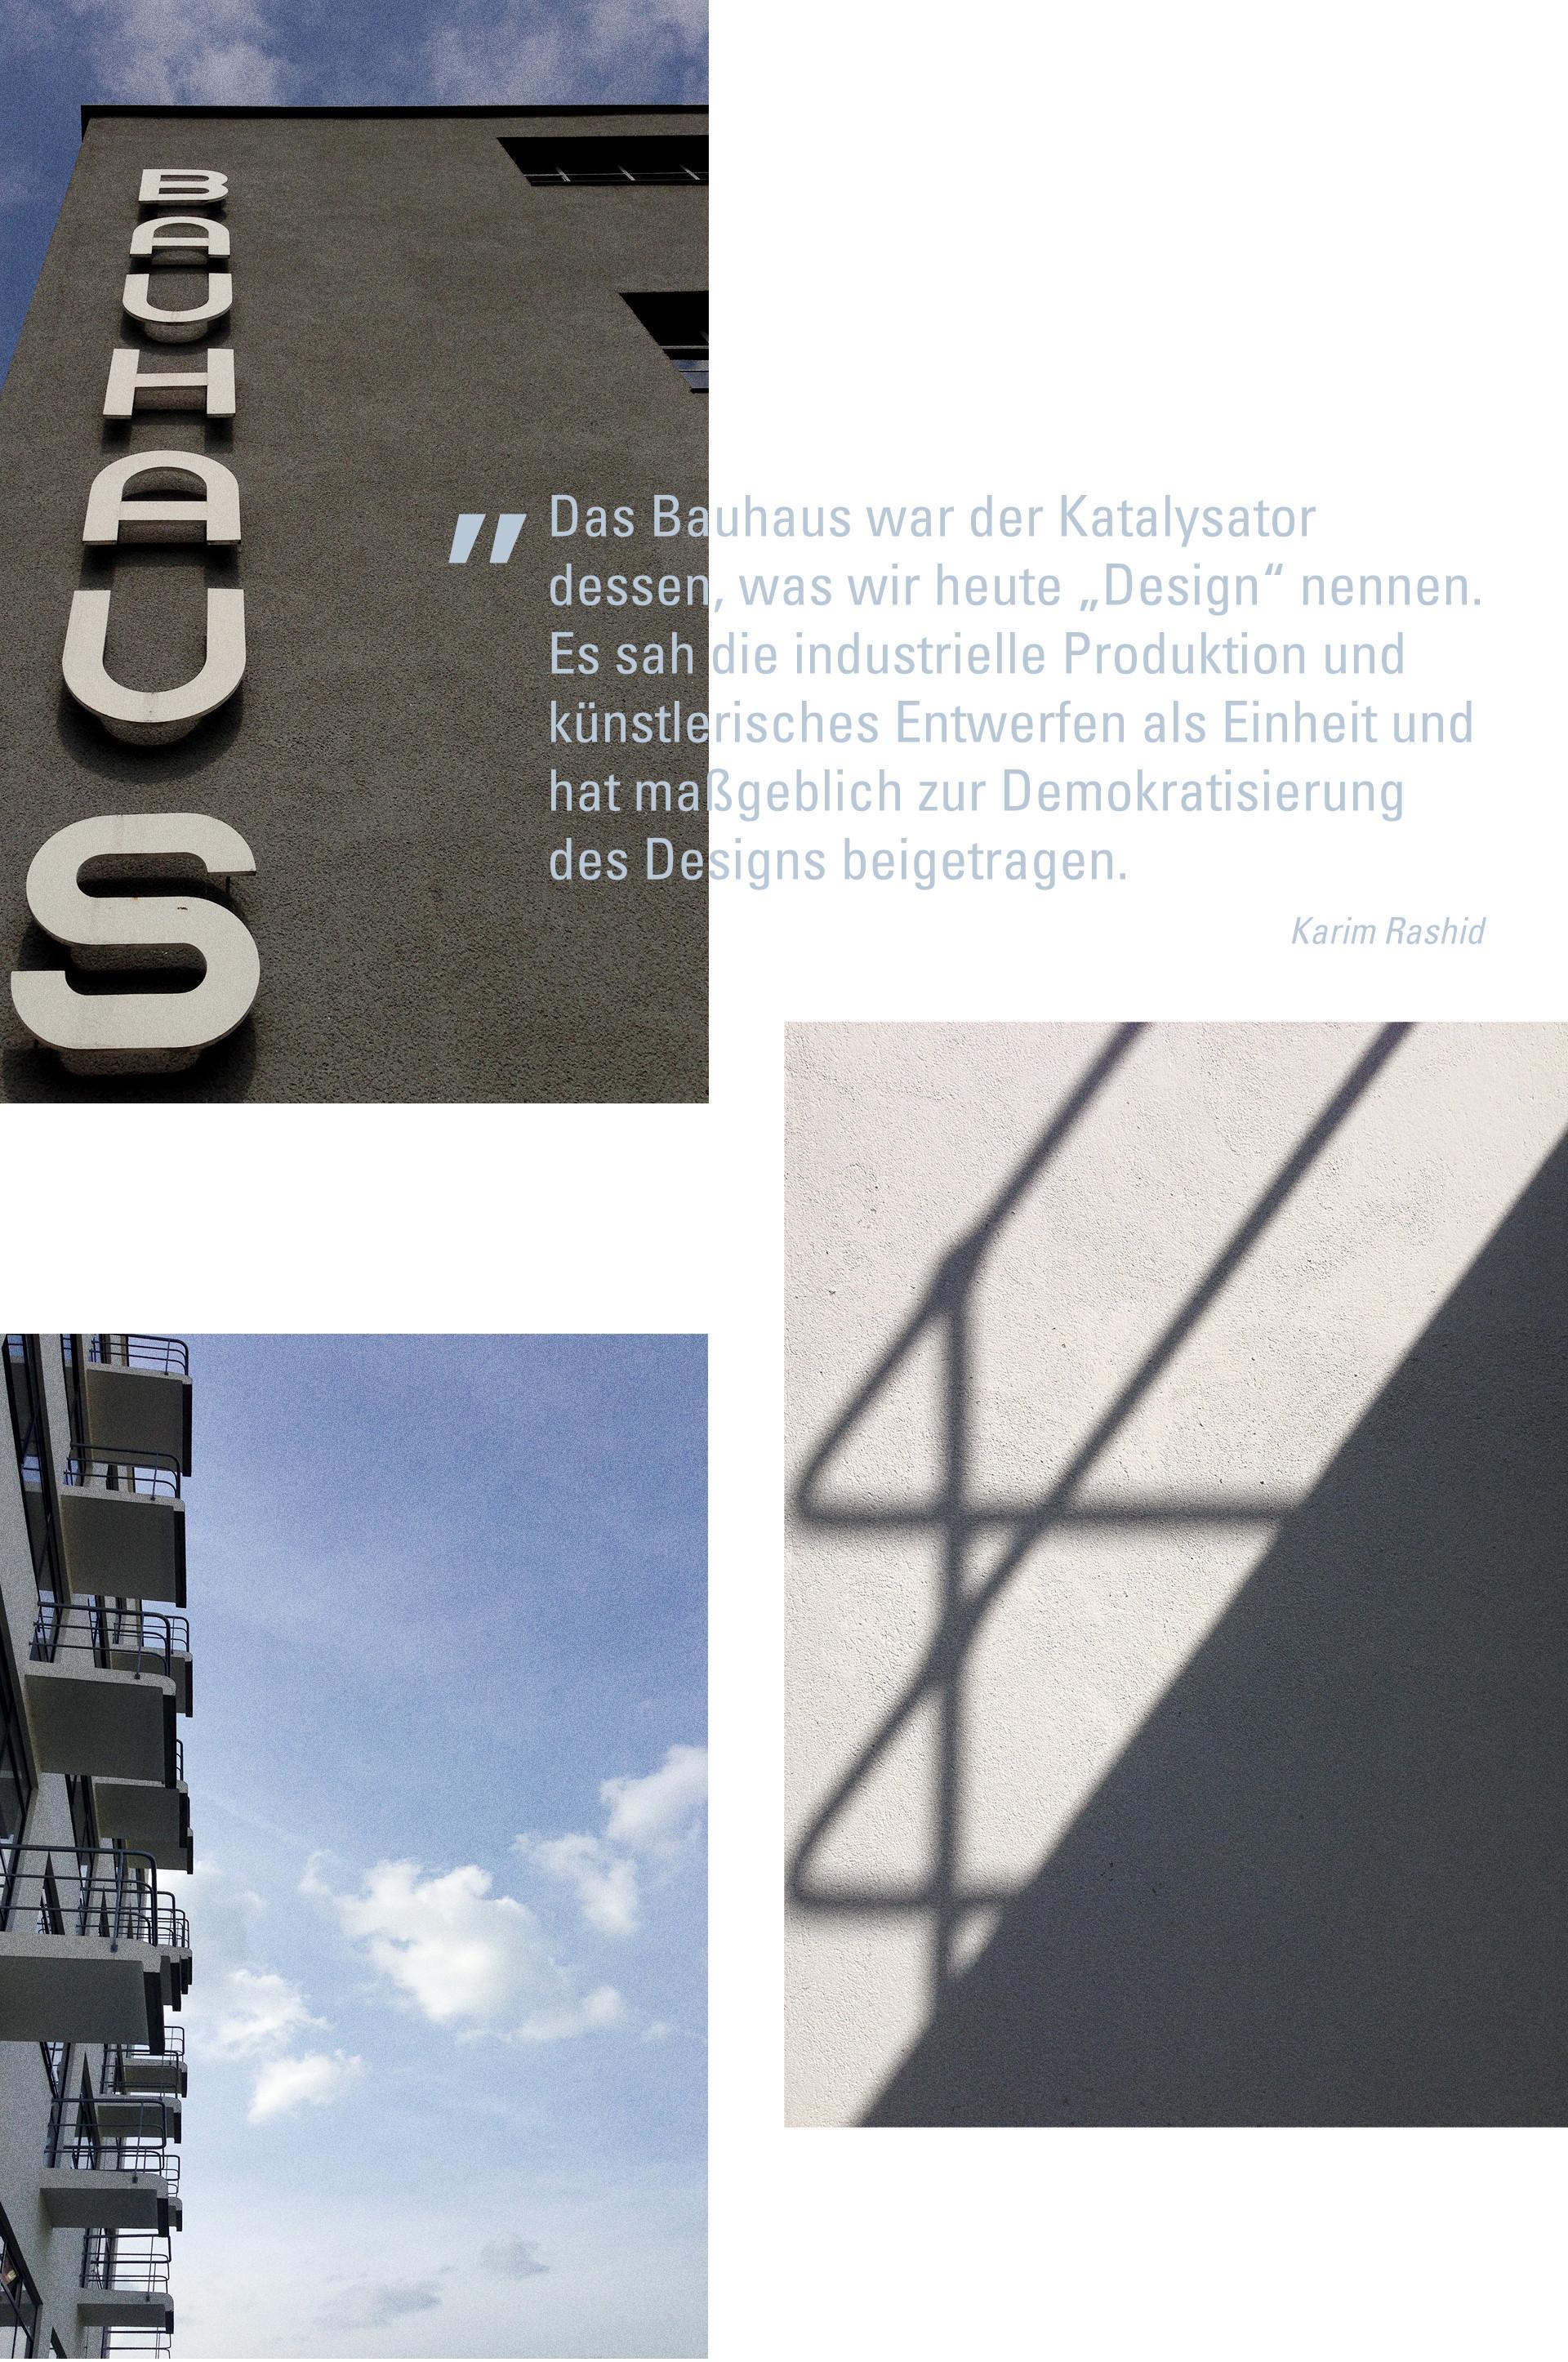 Bauhaus Zitat Karim Rashid